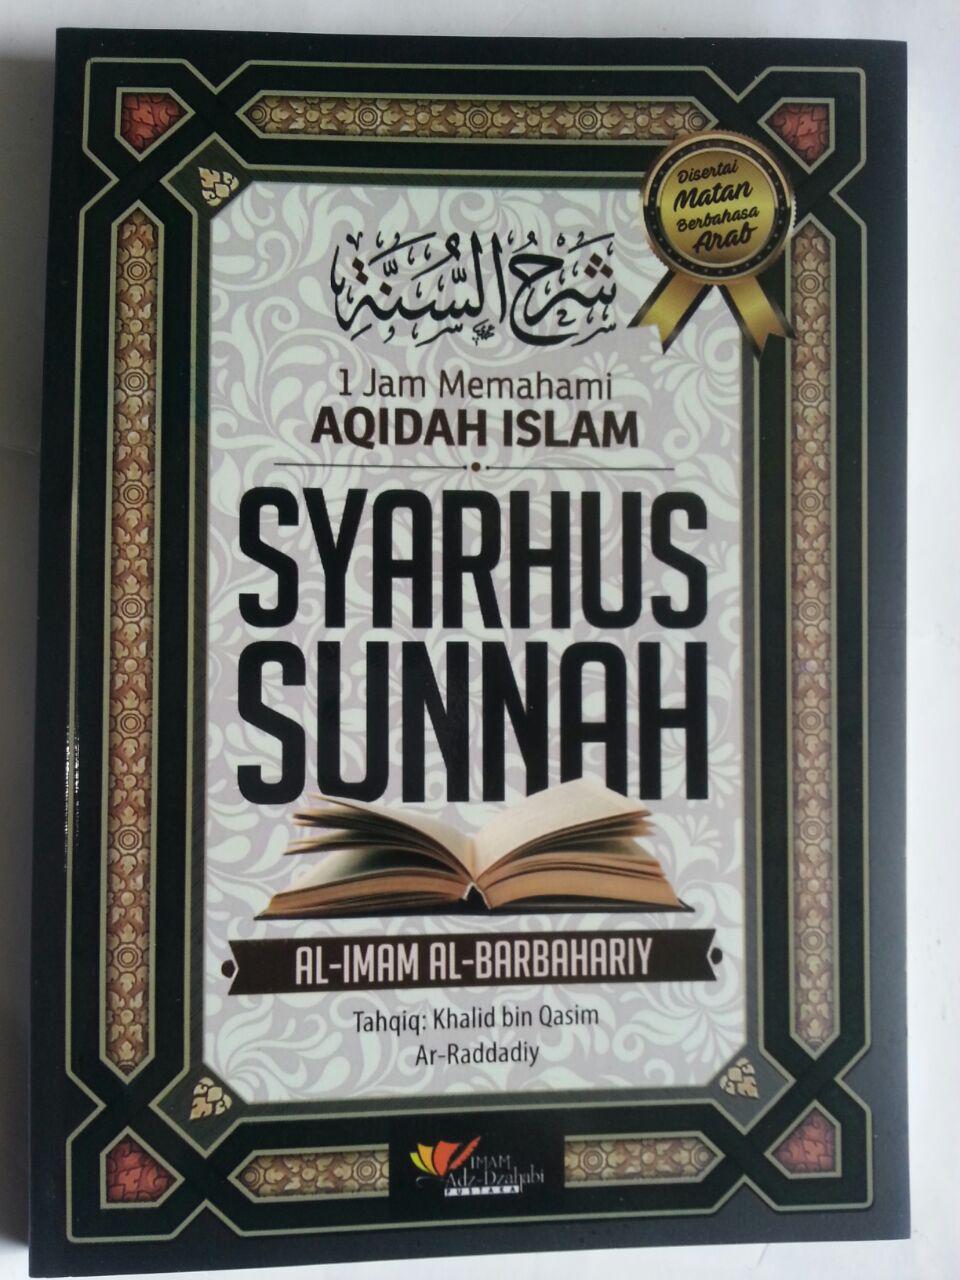 Buku Syarhus Sunnah 1 Jam Memahami Aqidah Islam cover 2